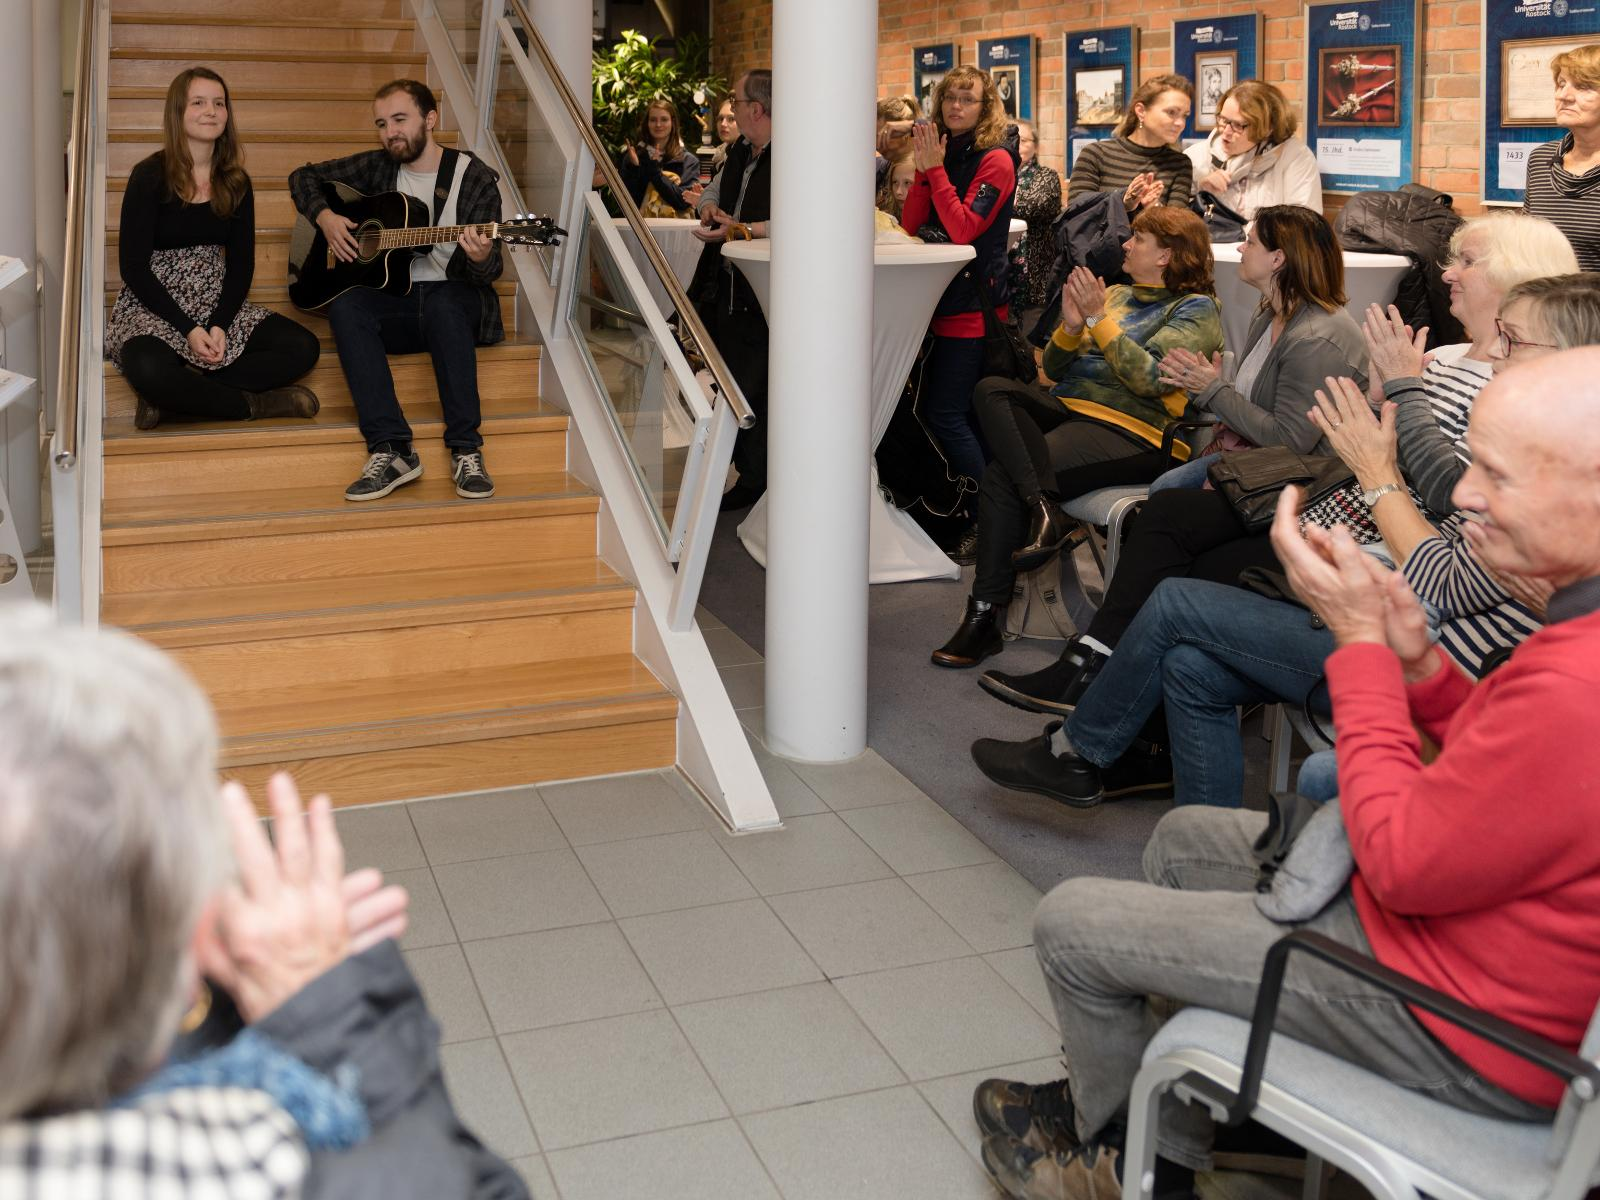 Lena Steffan und Jonathan Hartzendorf, ein Pop-Duett mit Gitarre und zweistimmigem Gesang, unterhalten die Besucher bei